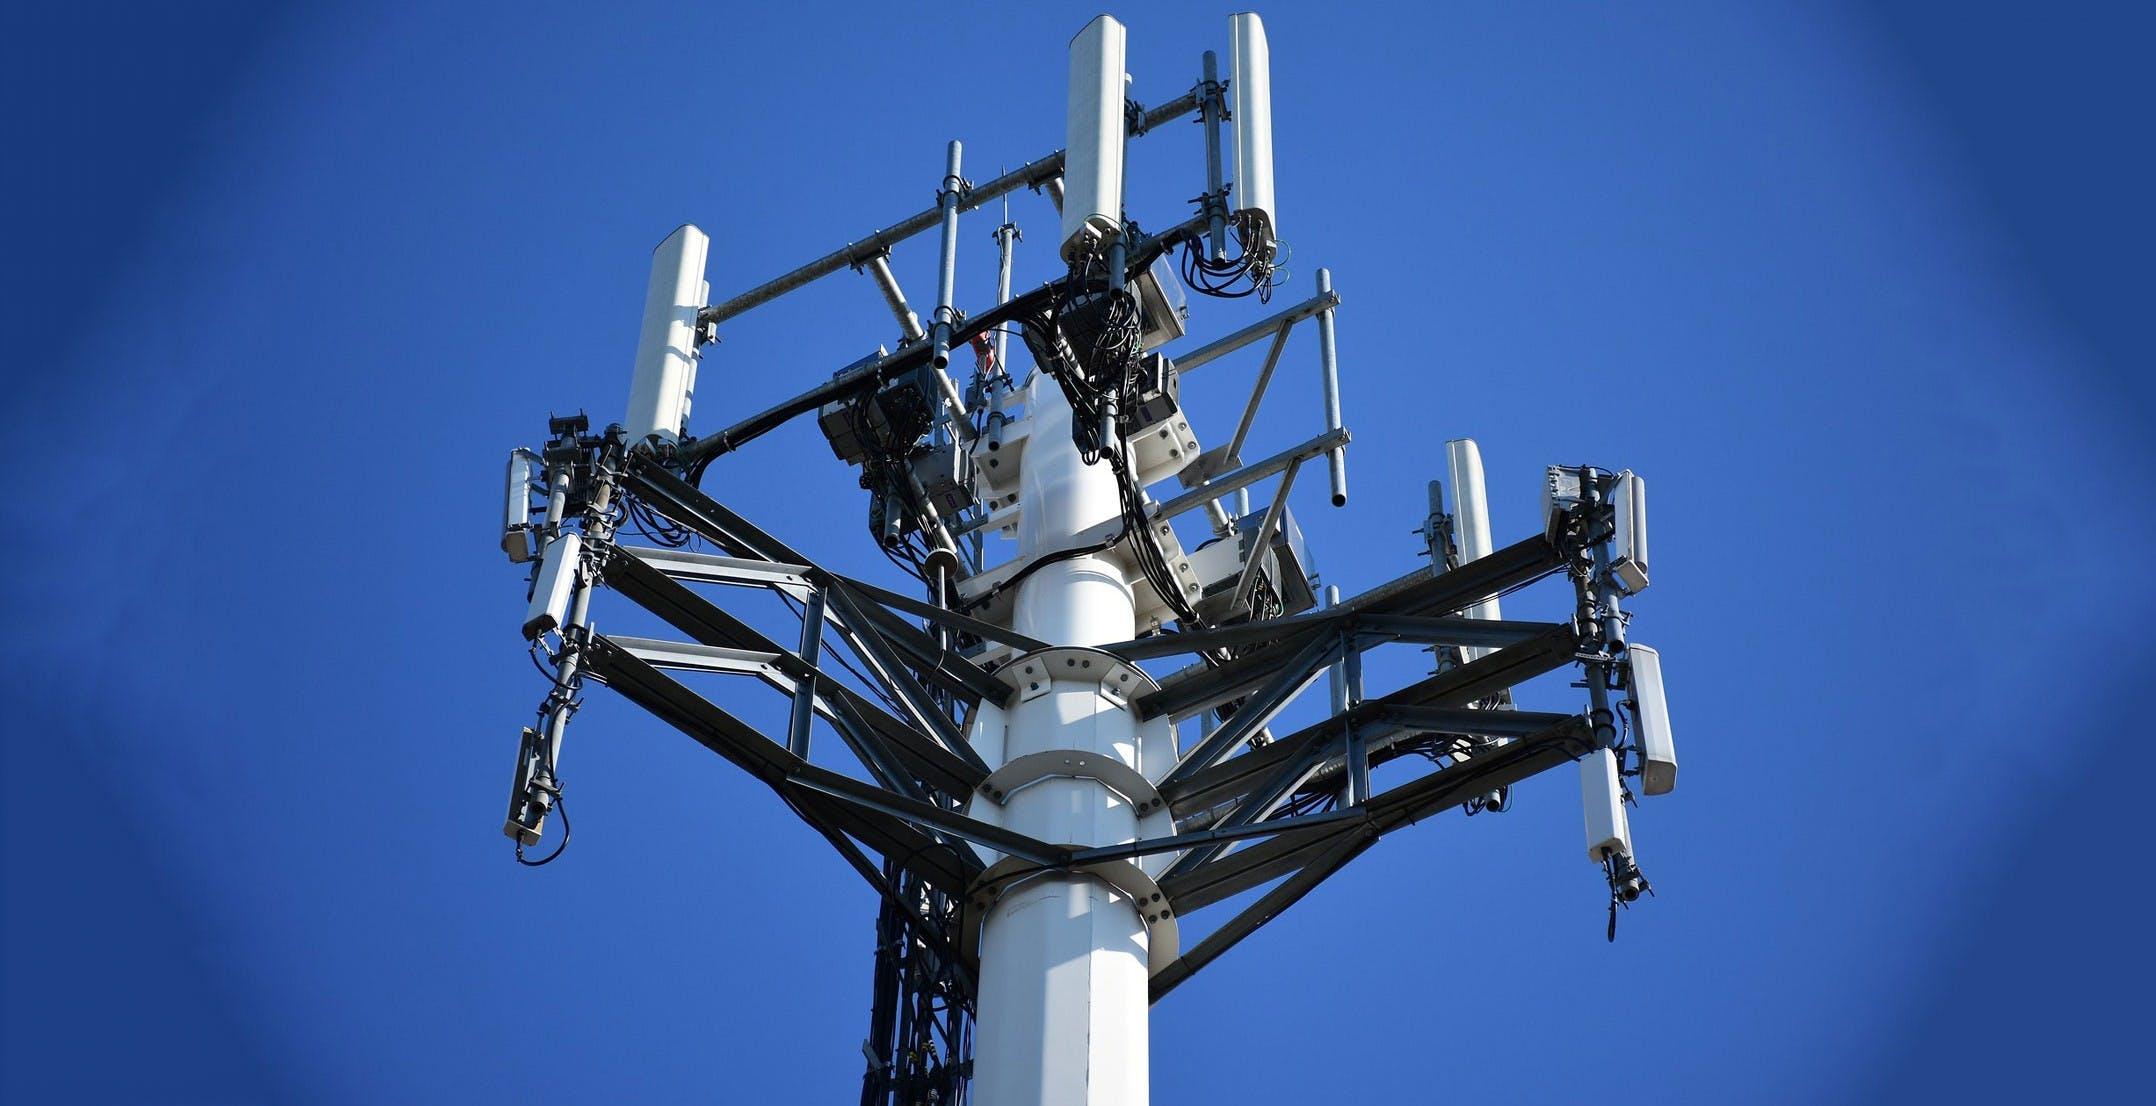 5G per principianti: cosa cambia fra la core network e la rete di accesso?